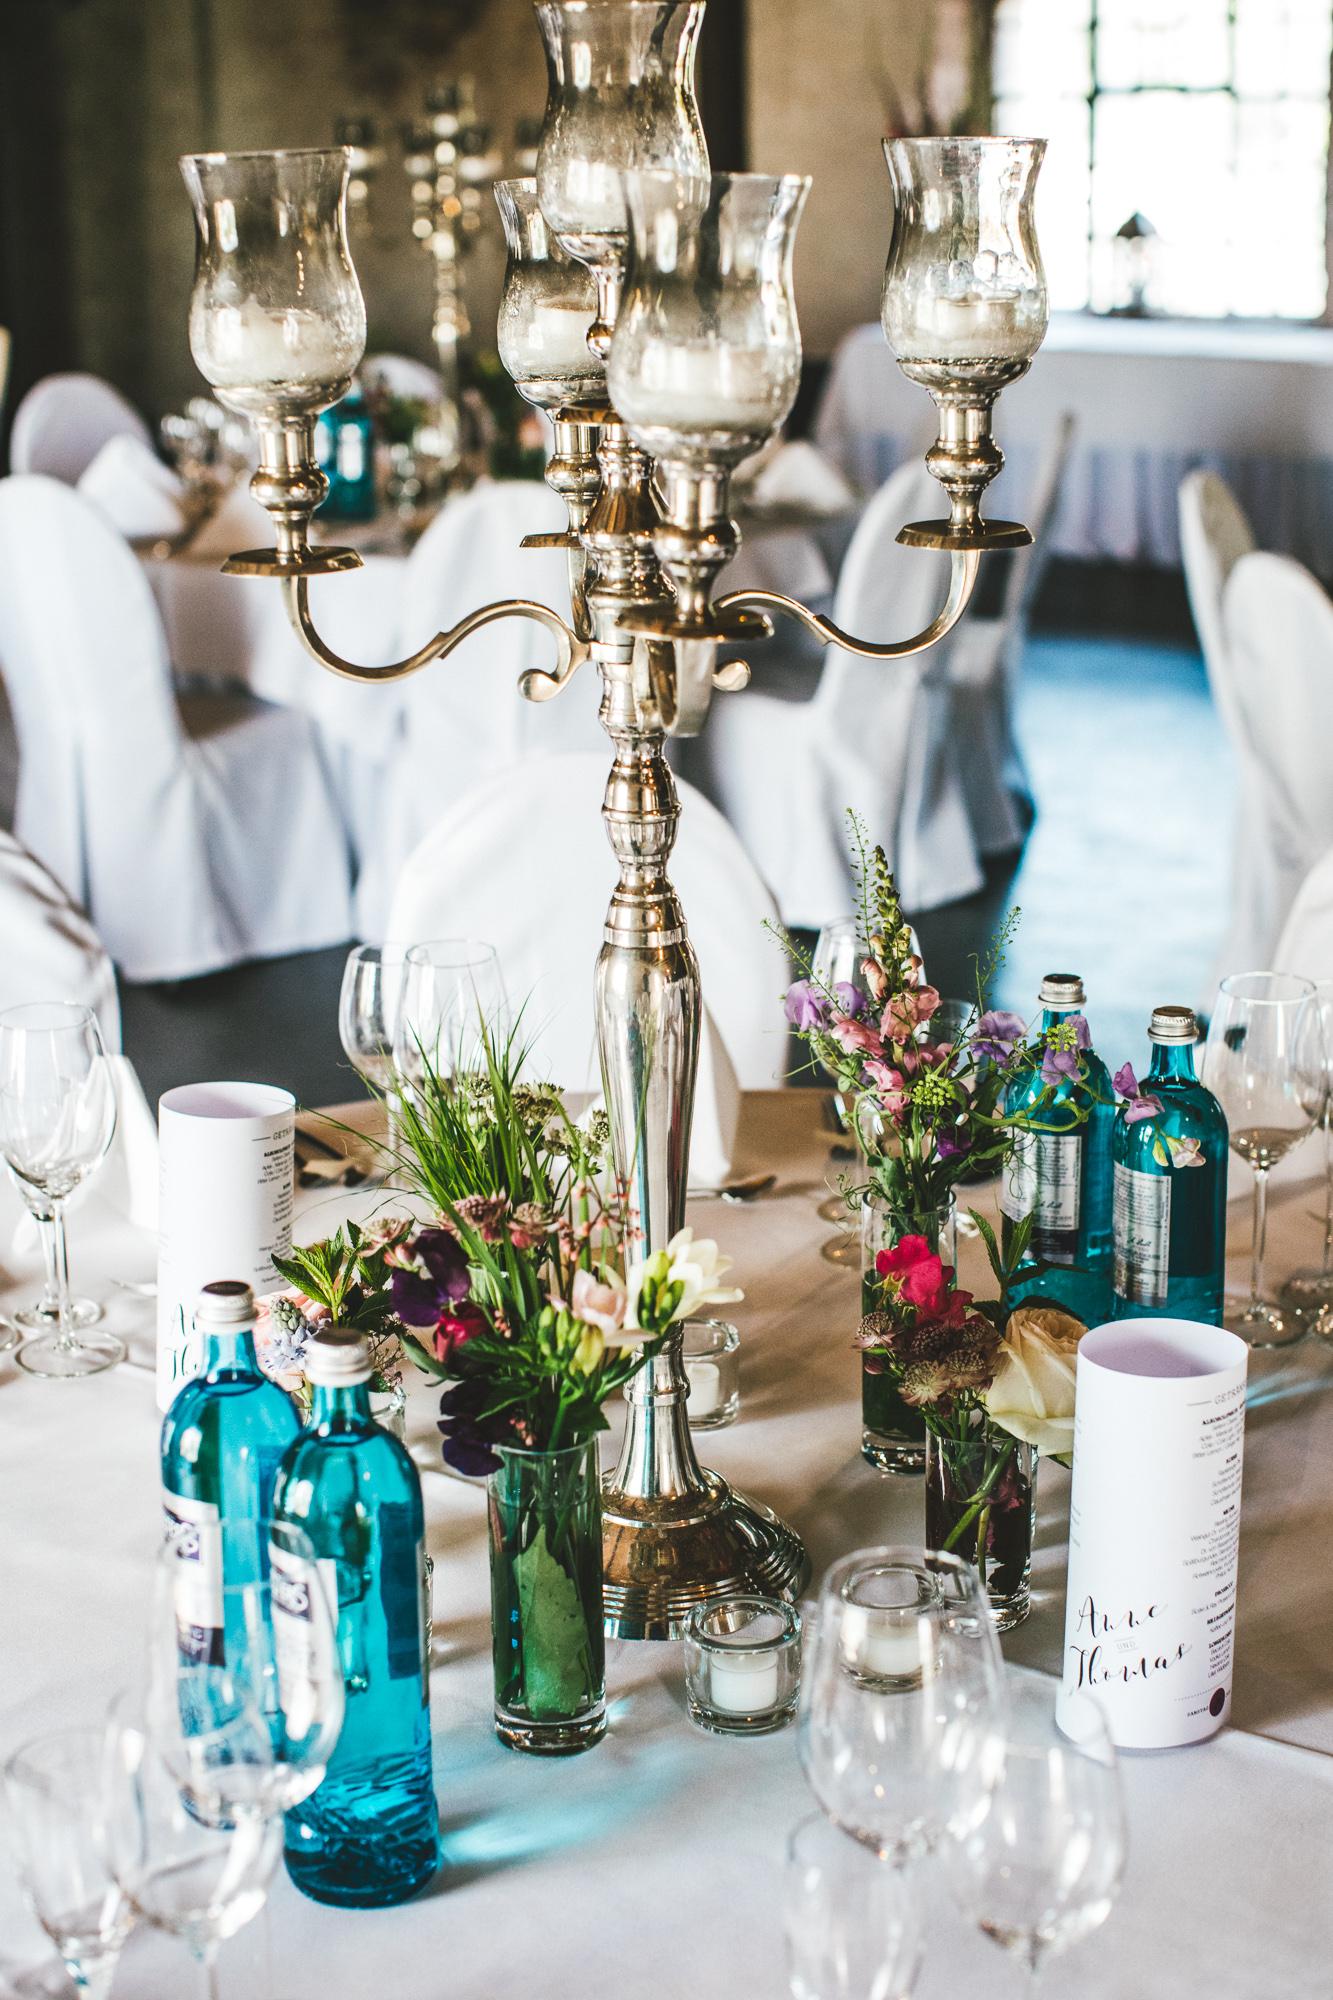 annethomas 229 - Hochzeit im wunderschönen Ladenburg in Eichenstolz